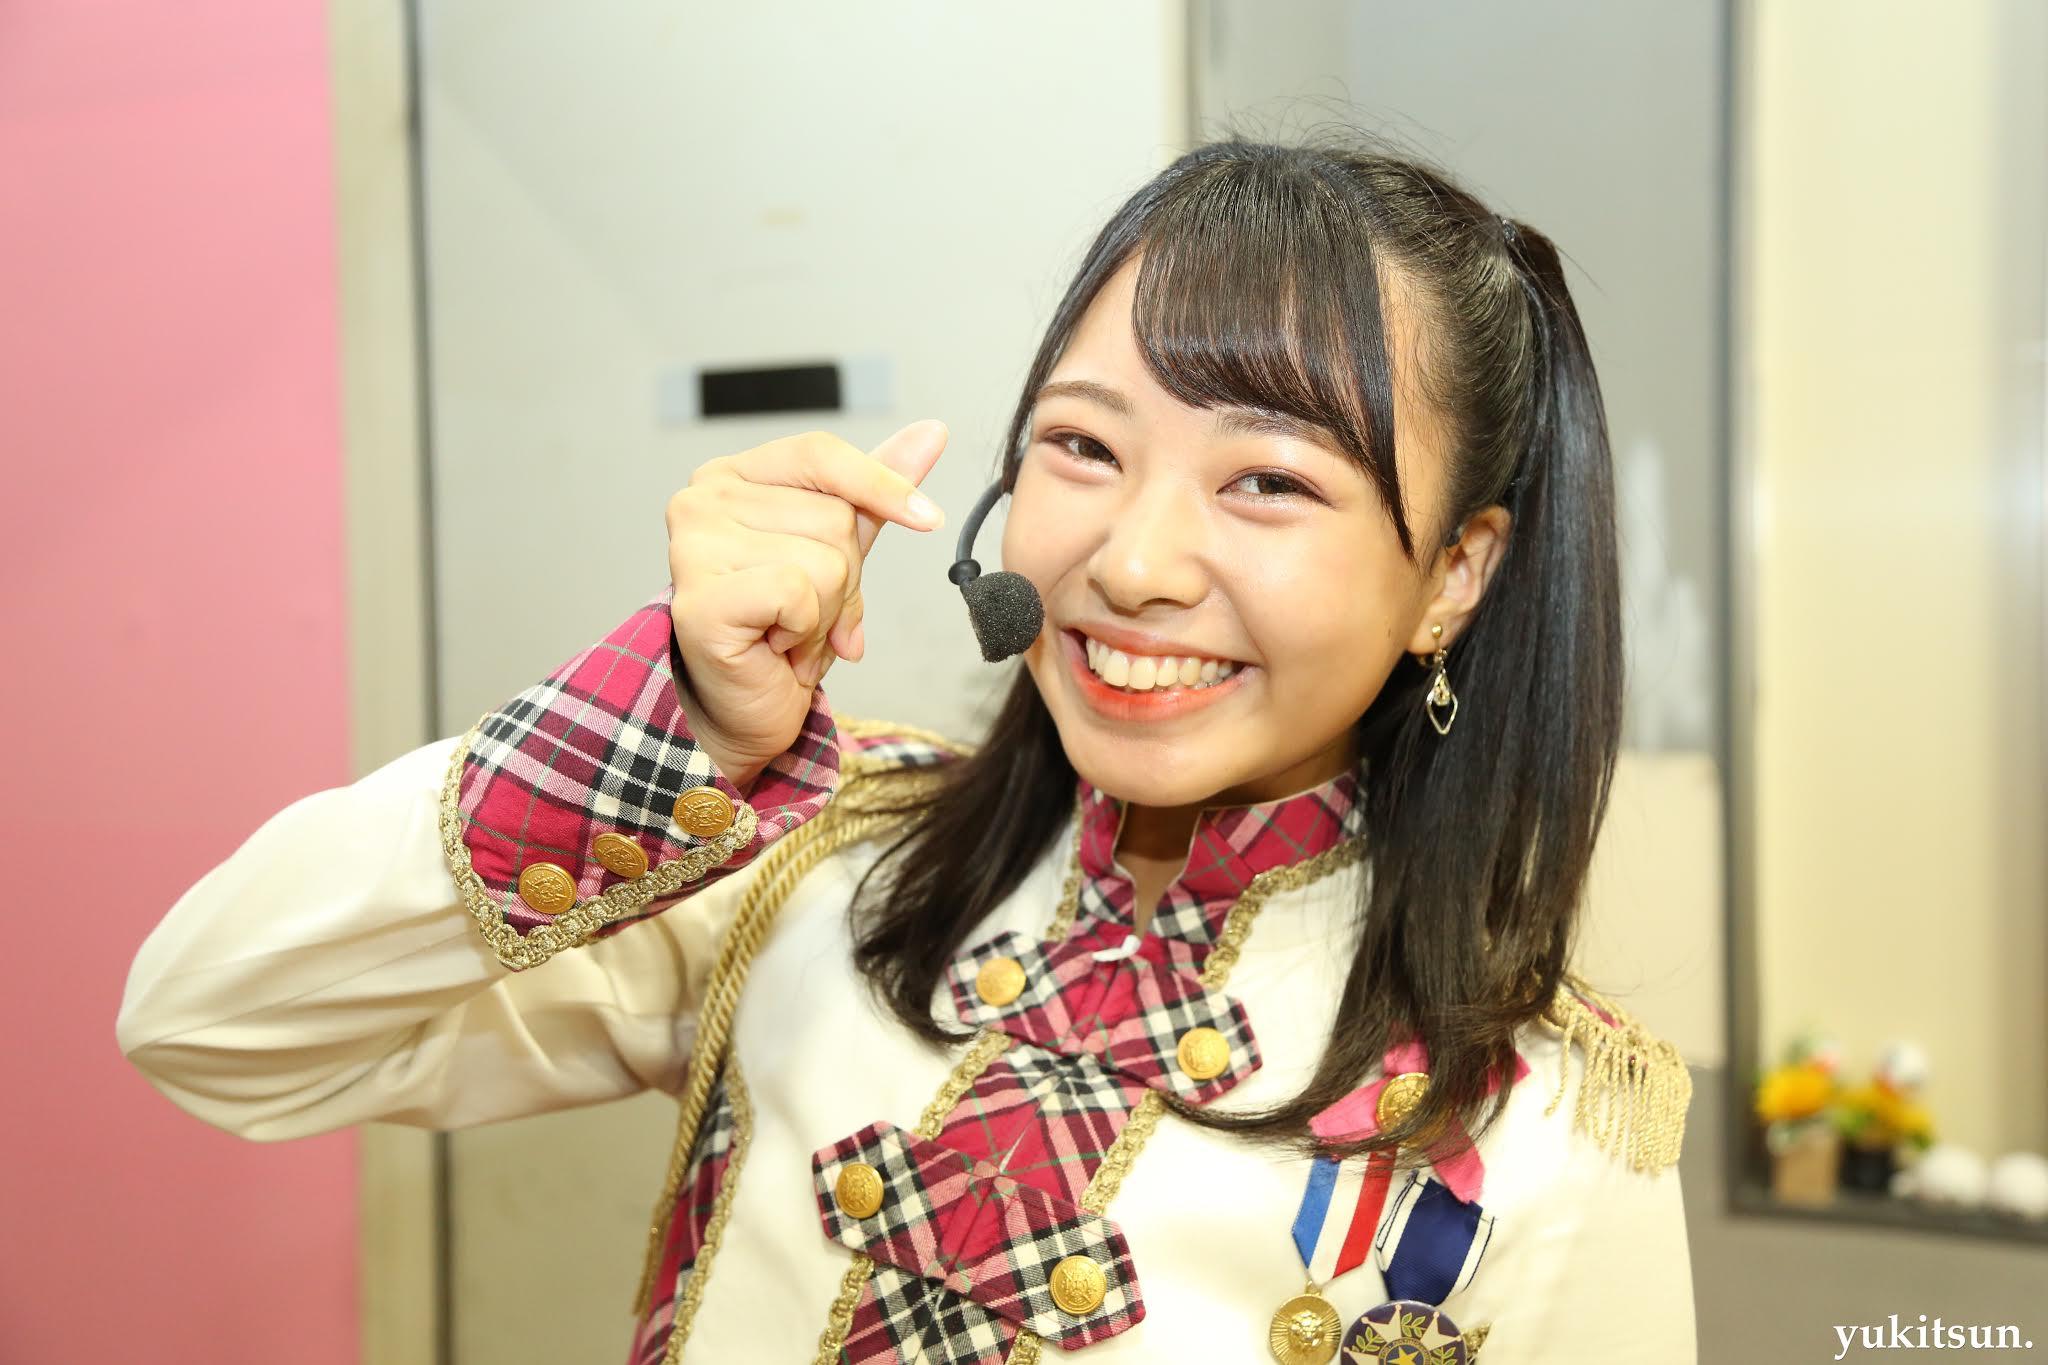 yamazaki-43